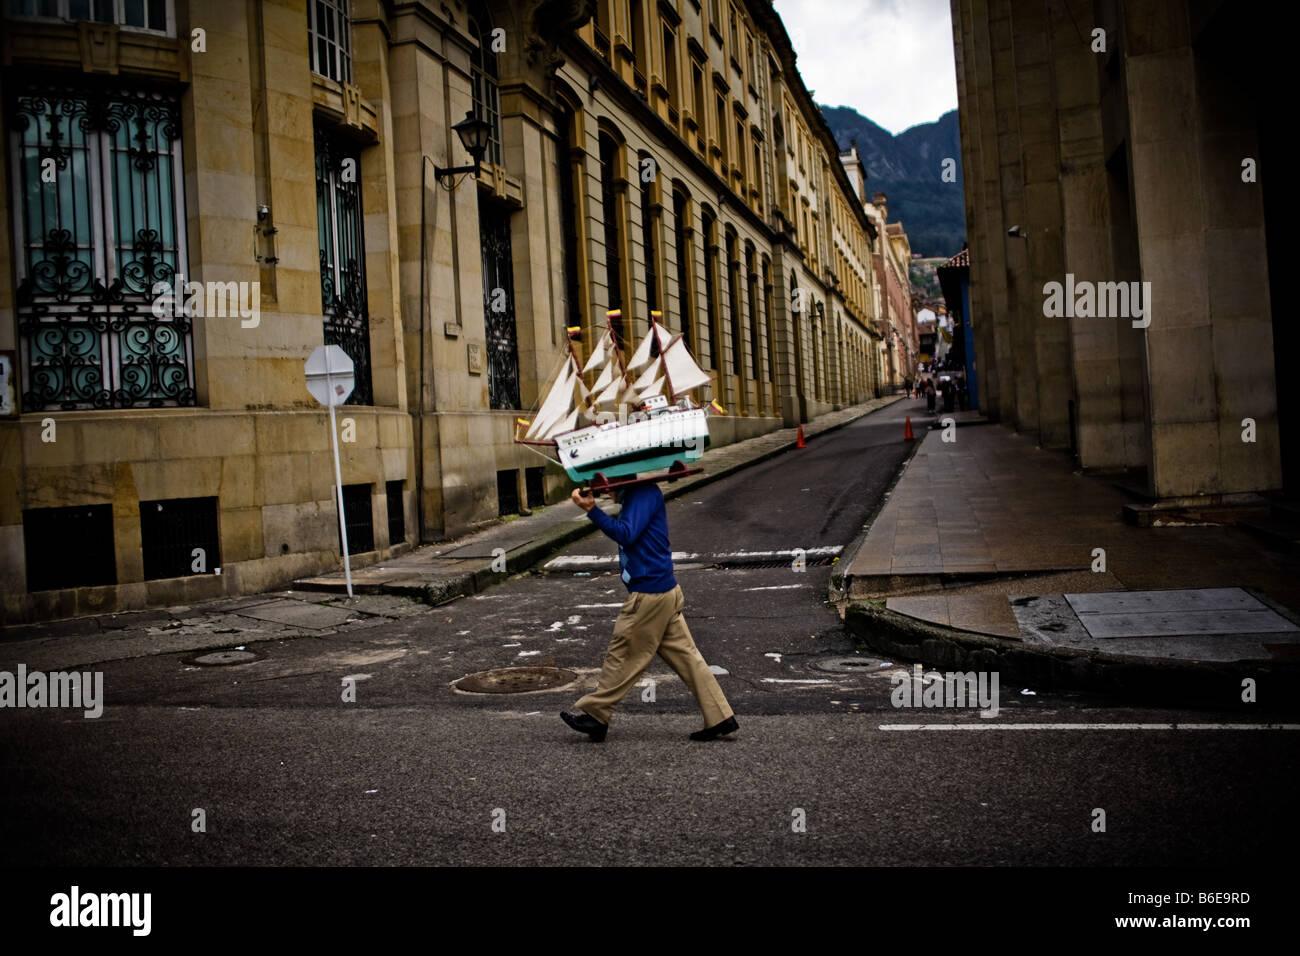 Un hombre lleva un modelo de velero en una calle de Bogotá, Colombia. Imagen De Stock